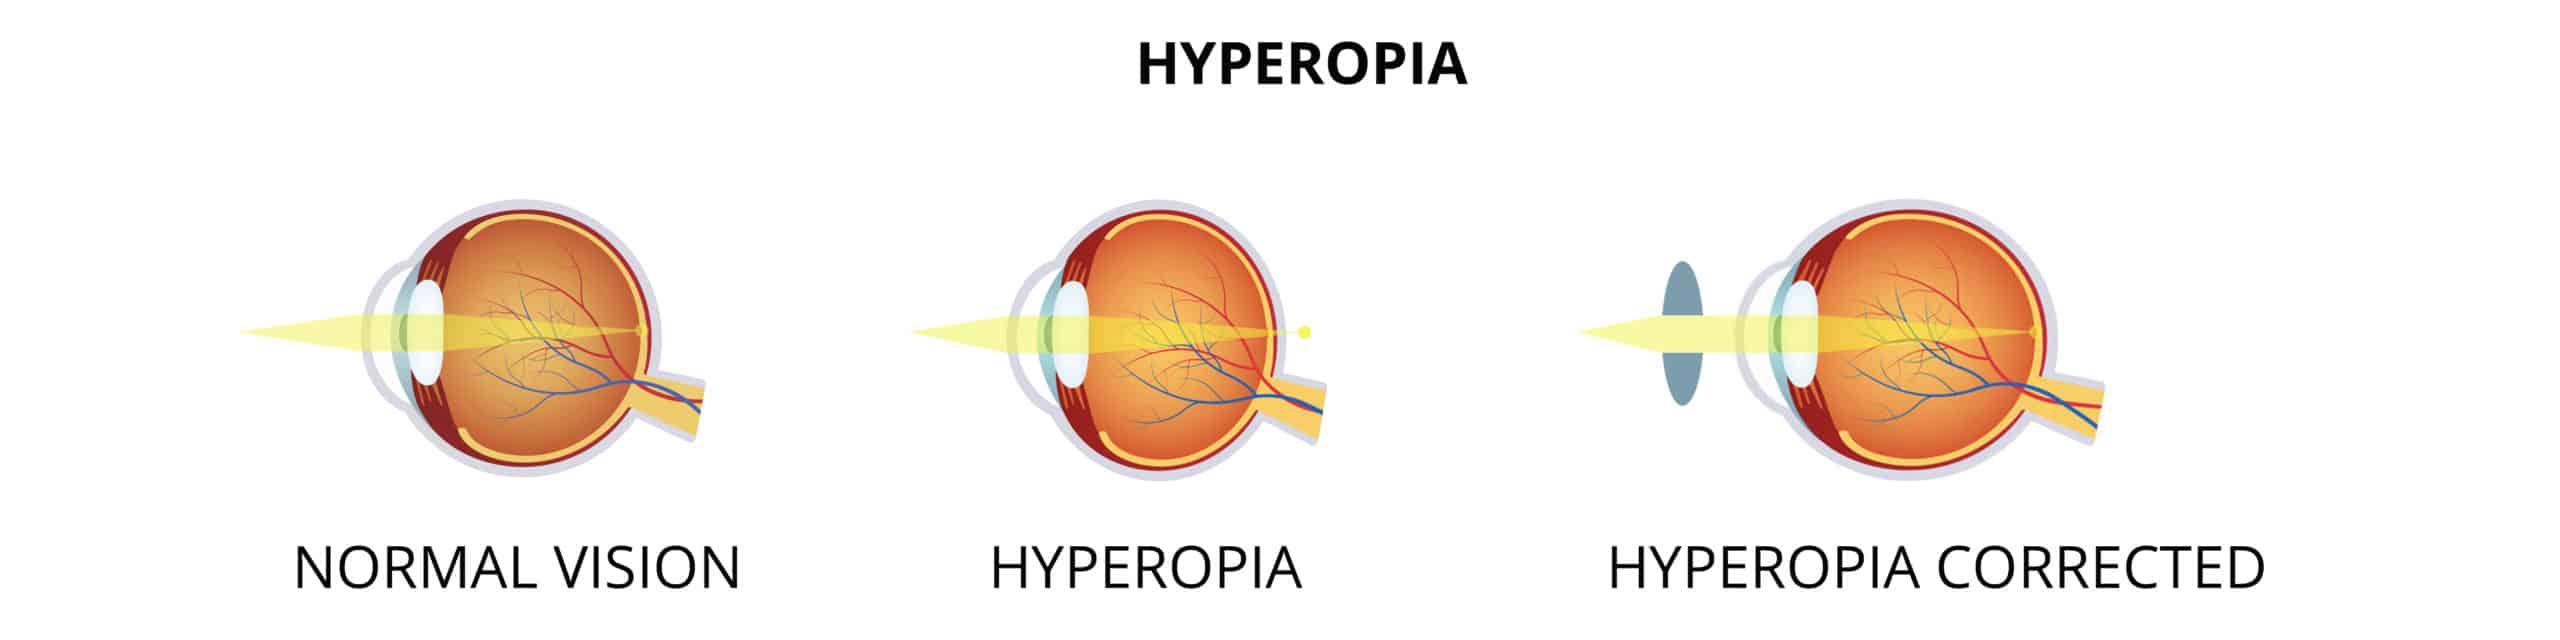 Weitsichtigkeit - Hyperopia